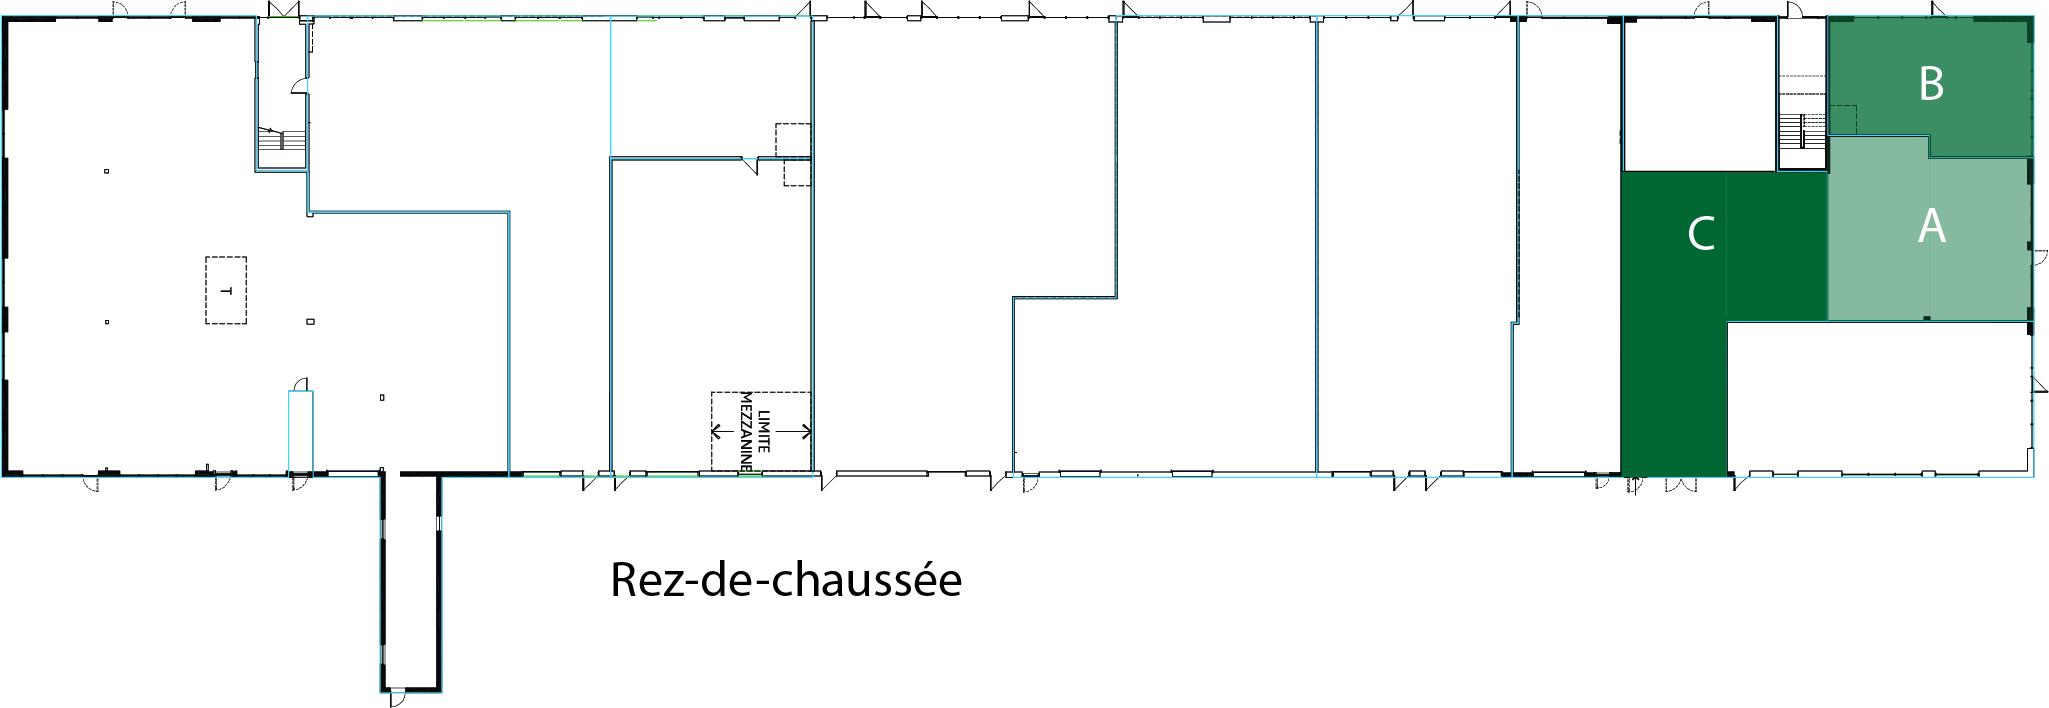 Plan RDC 1200 - locaux A et C